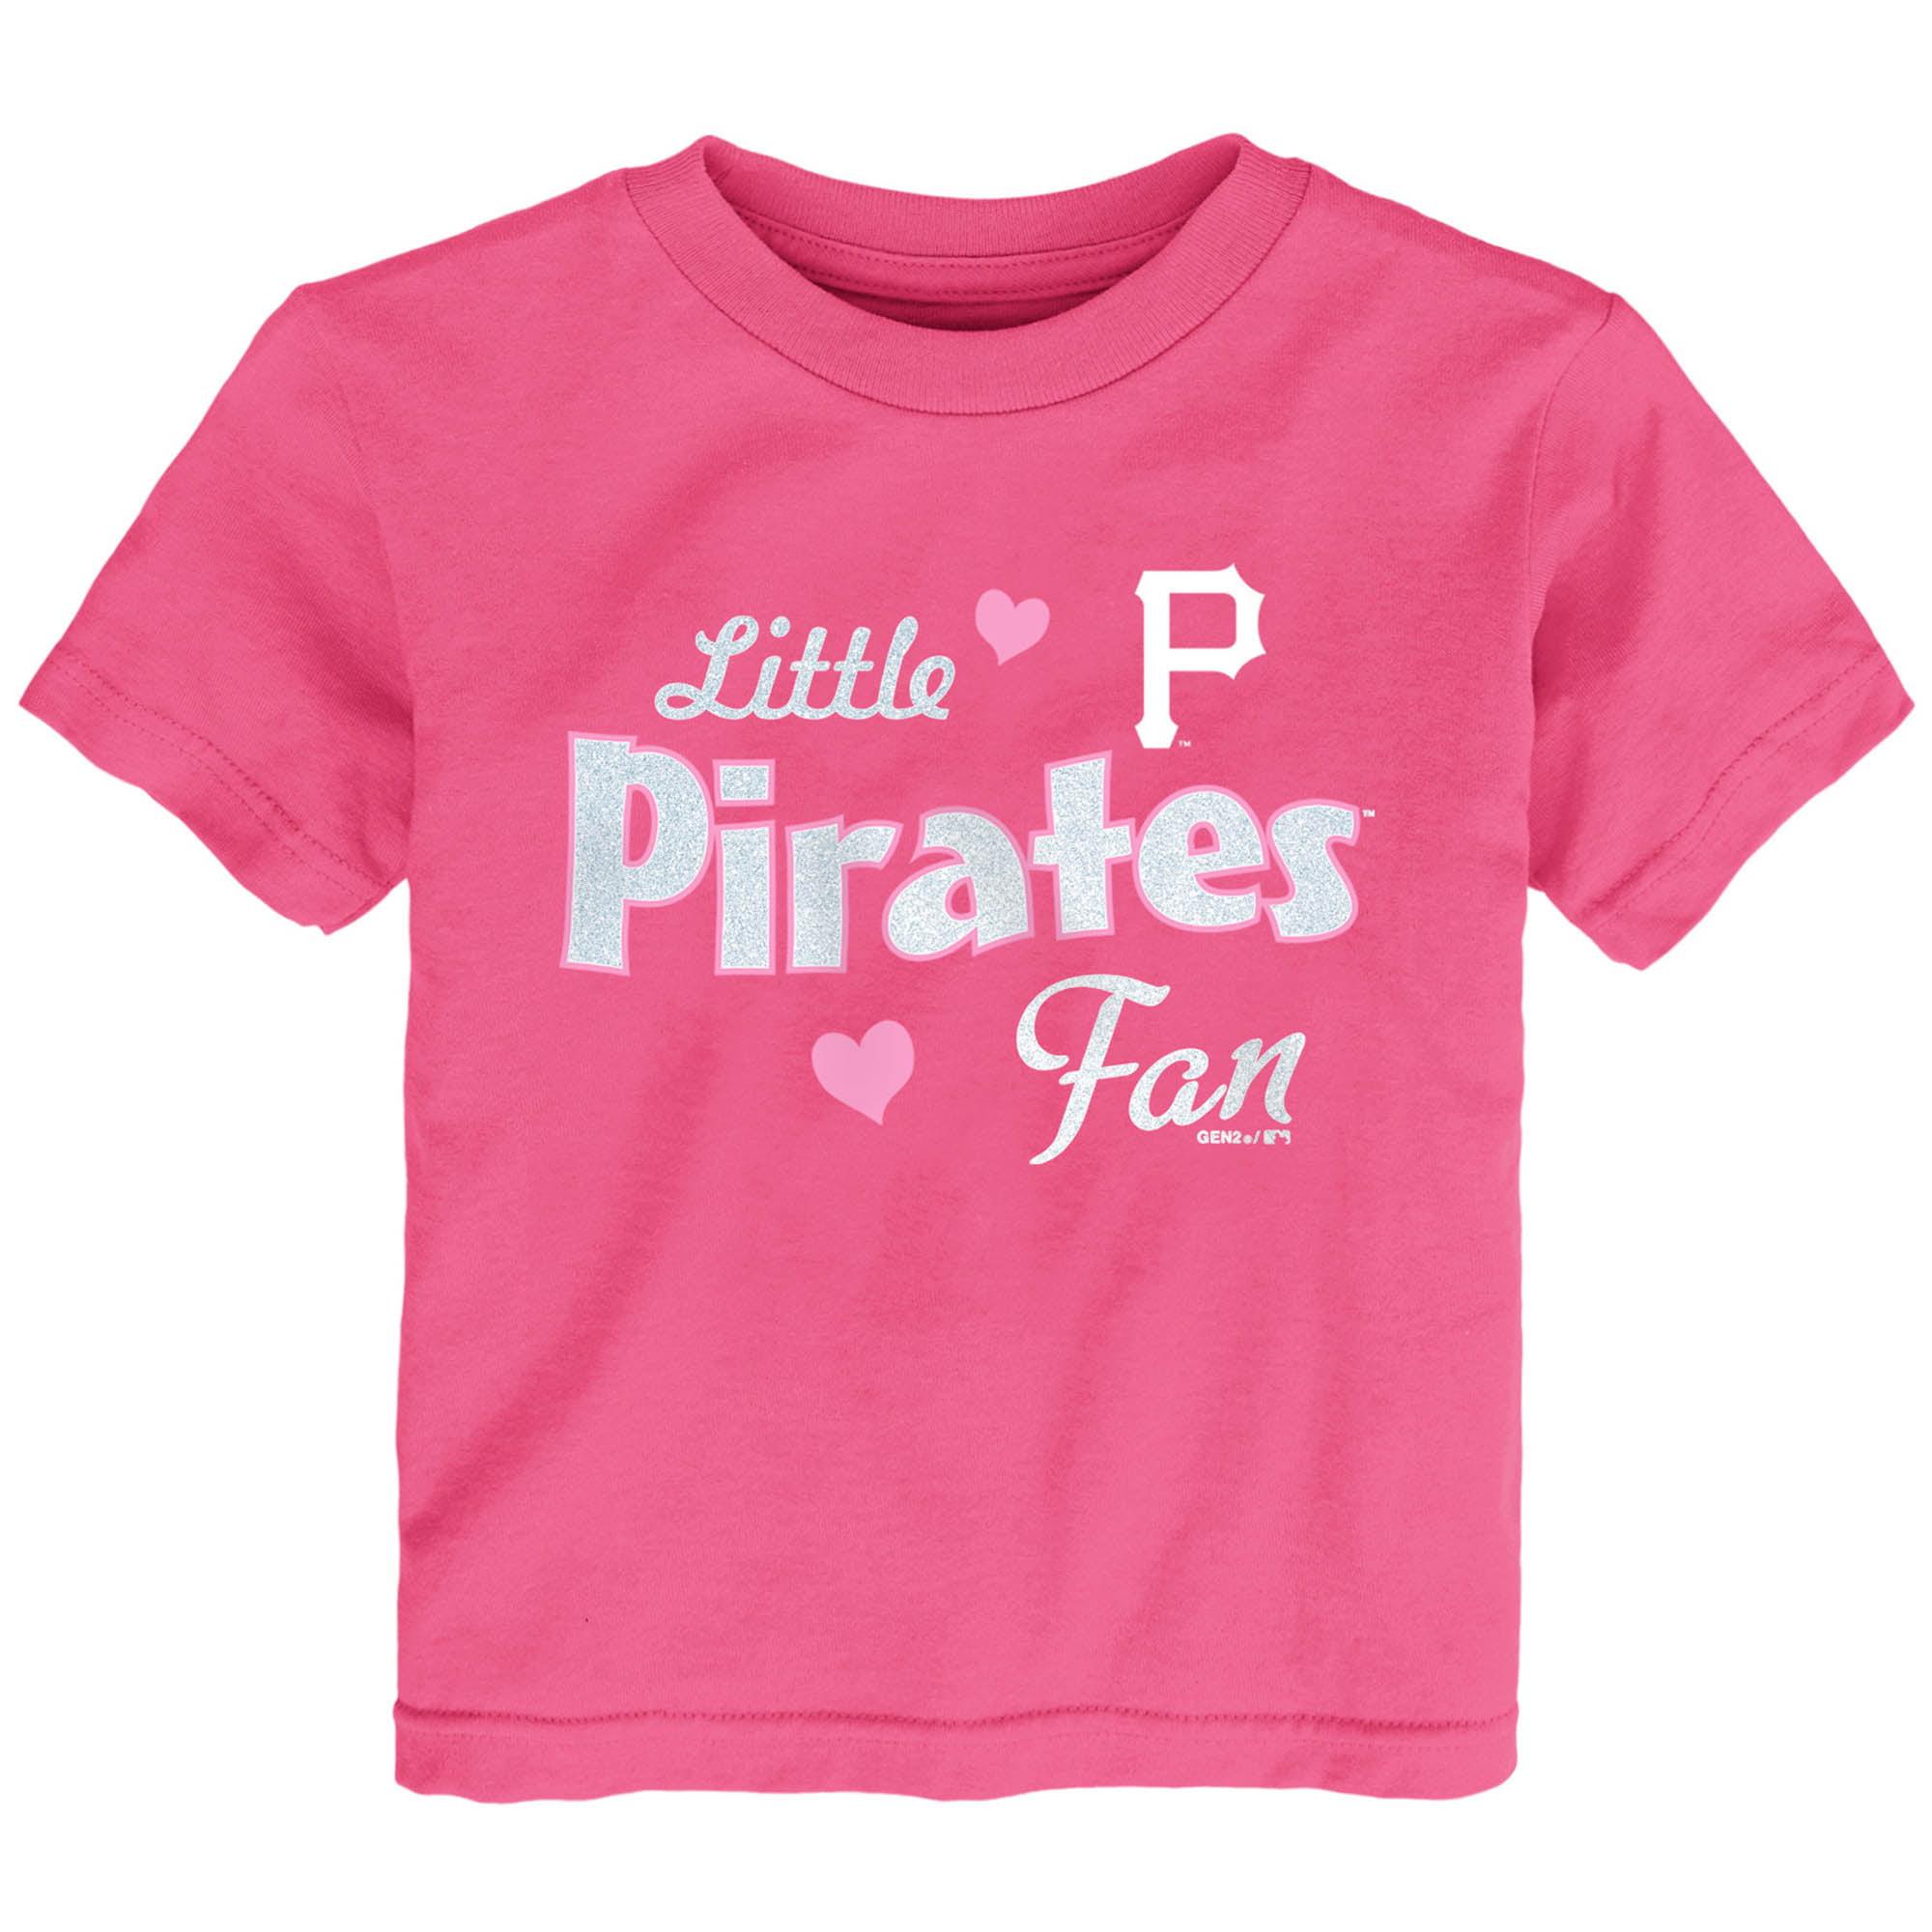 Pittsburgh Pirates Girls Toddler Fan T-Shirt - Pink